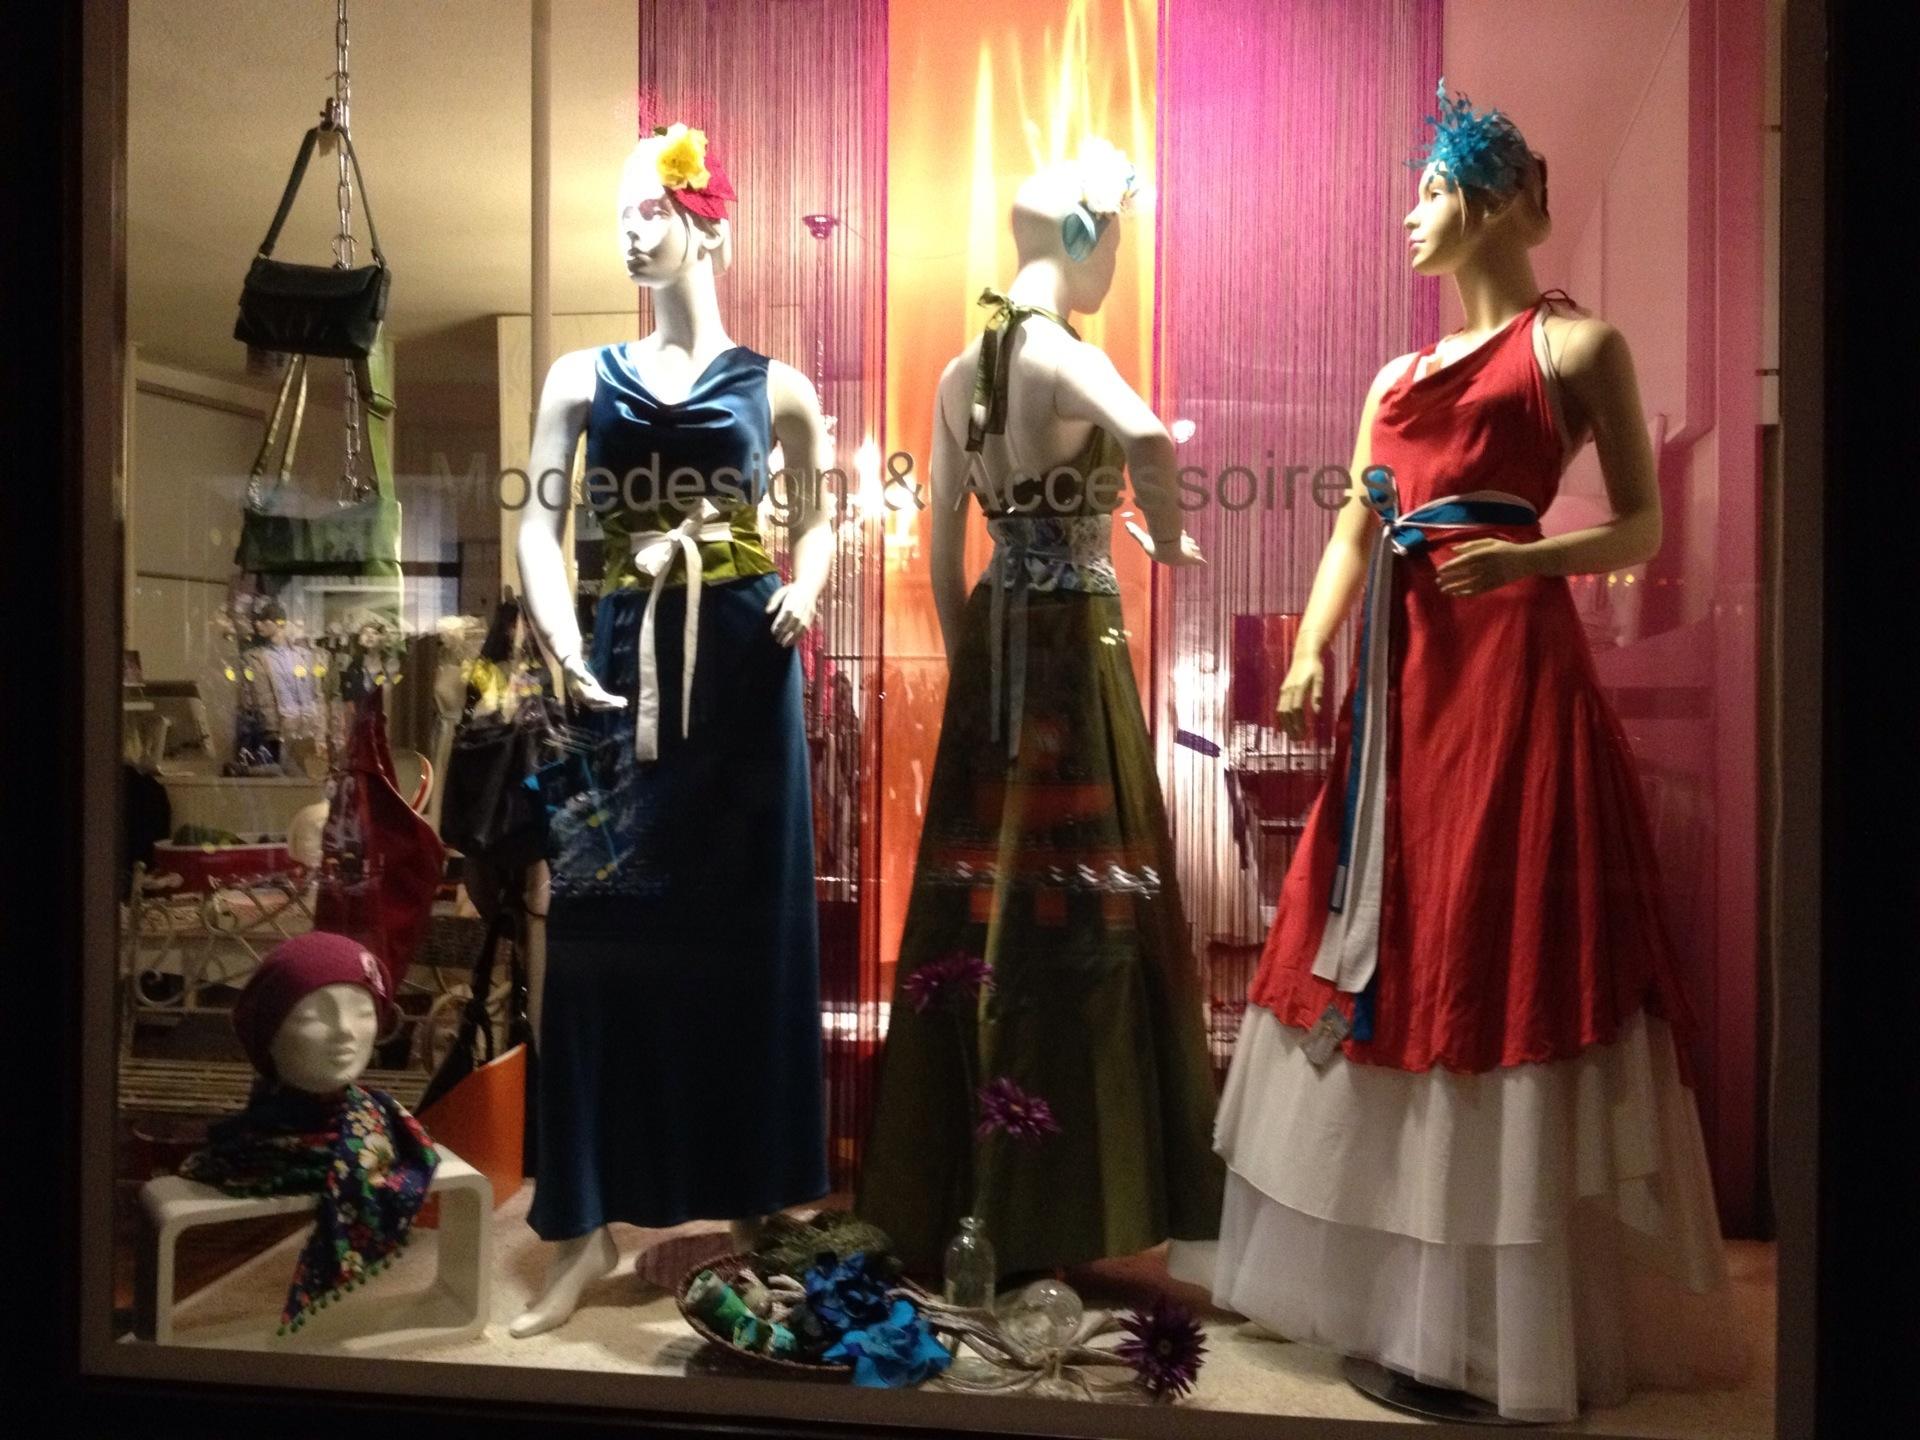 20121015-Rike-Winterberg-Shopping-Party-Kramerstrasse-Altstadt-Hannover-2